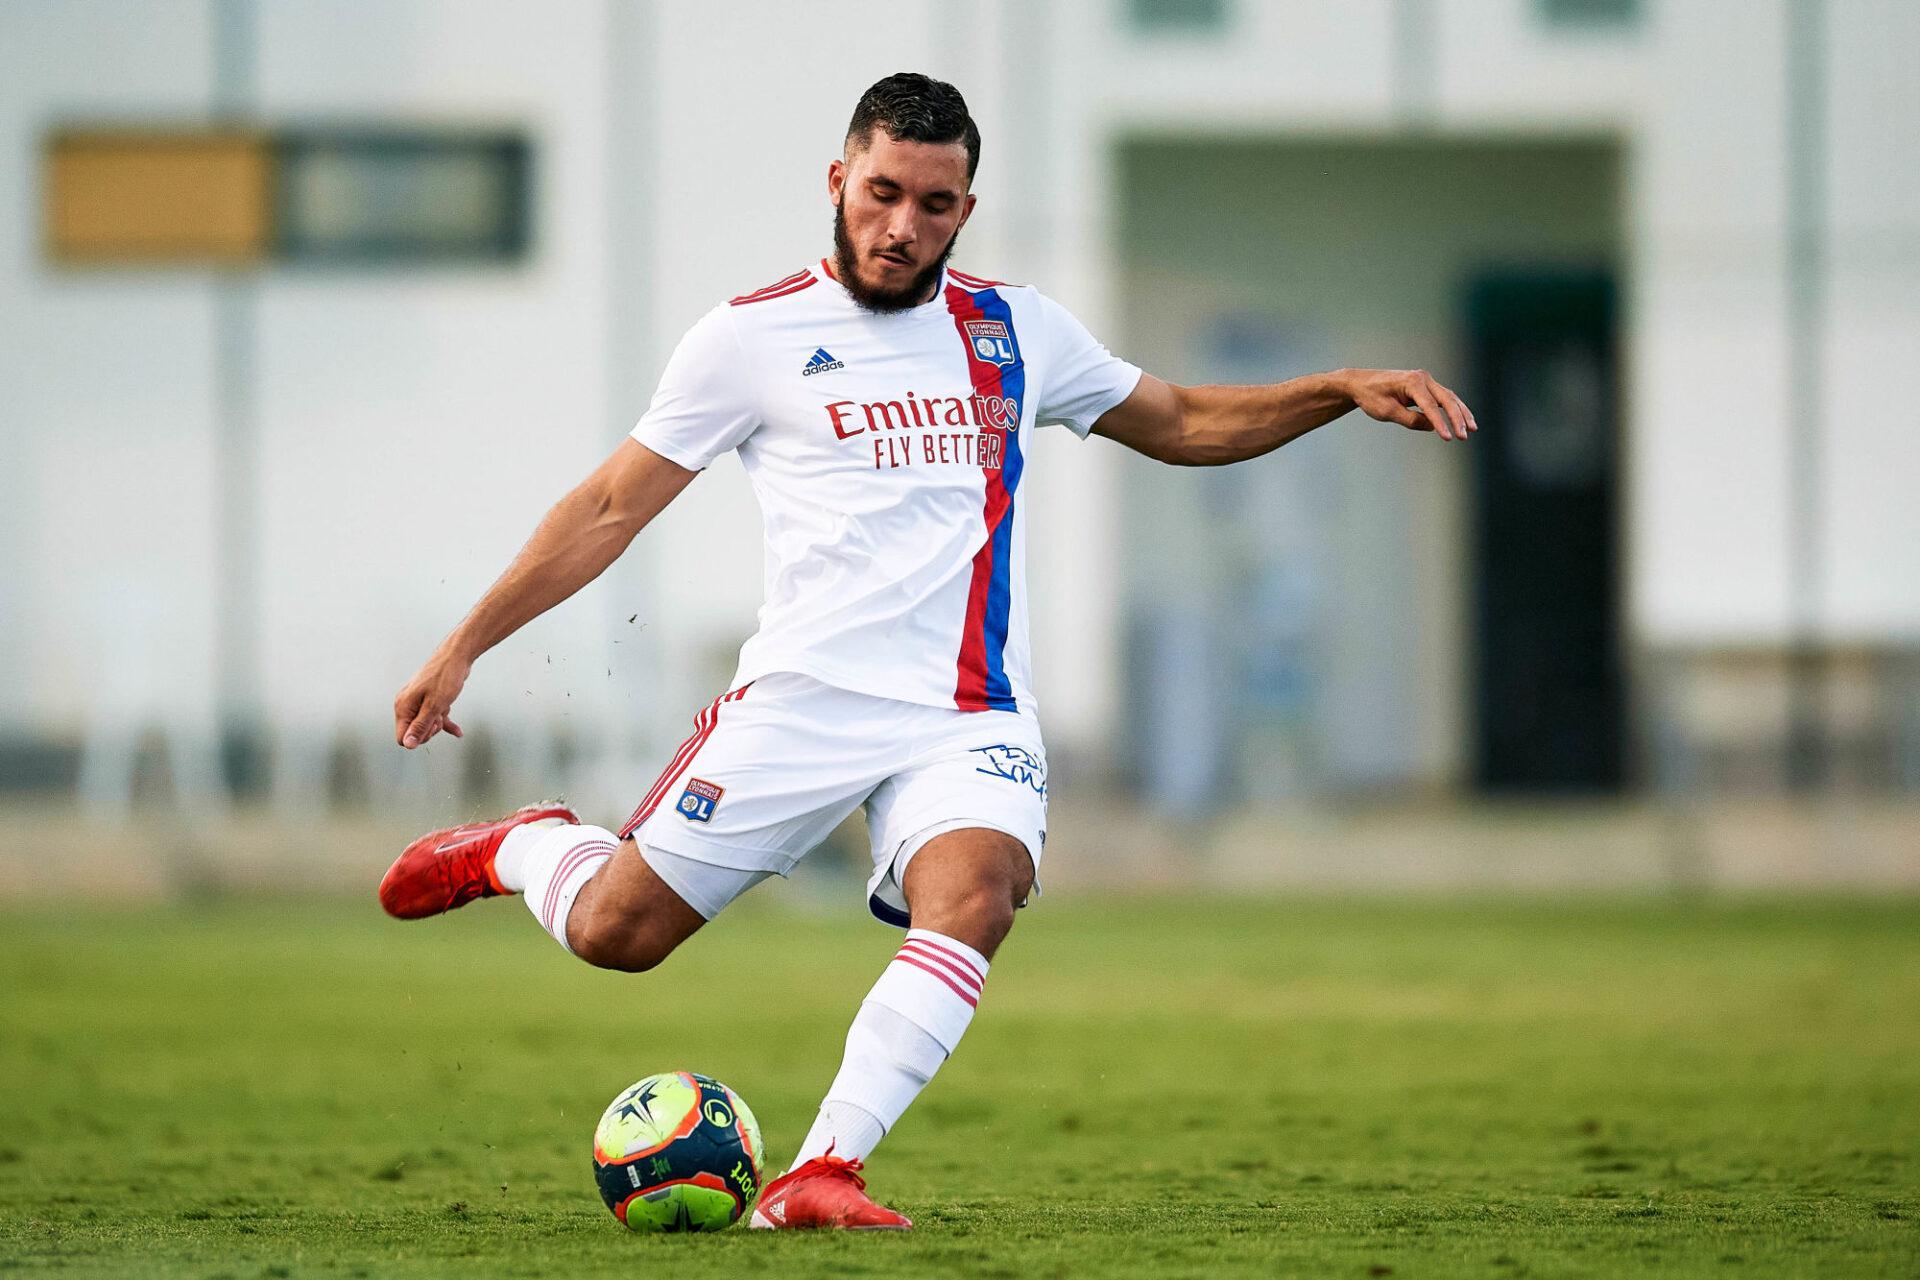 A 18 ans, Rayan Cherki affiche déjà 34 matchs de Ligue 1 au compteur, mais seulement 7 titularisations. Icon Sport